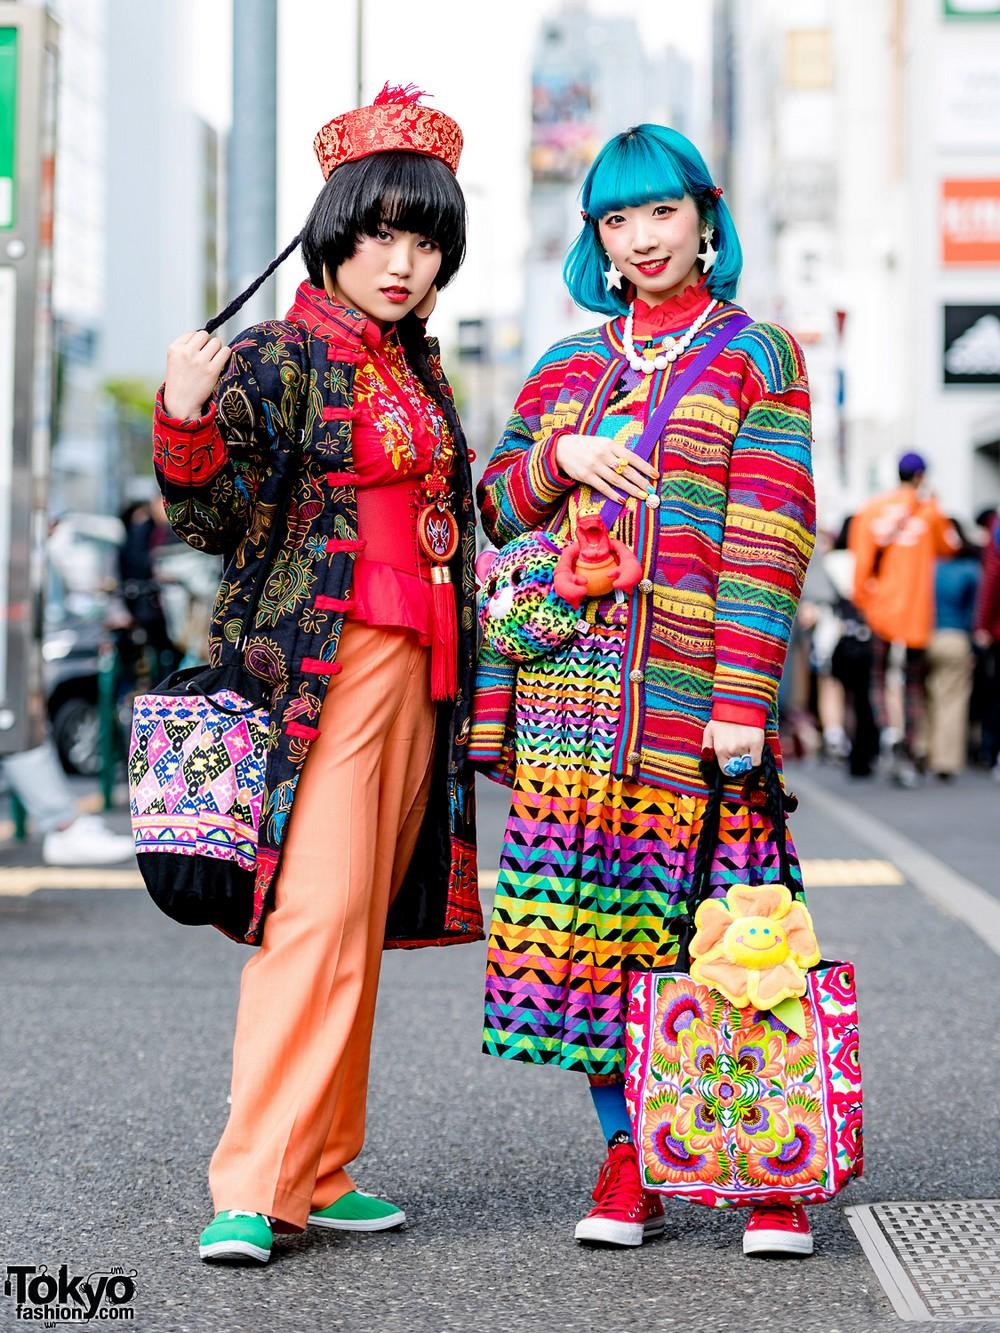 привыкли картинки модной одежды японской орнитологам